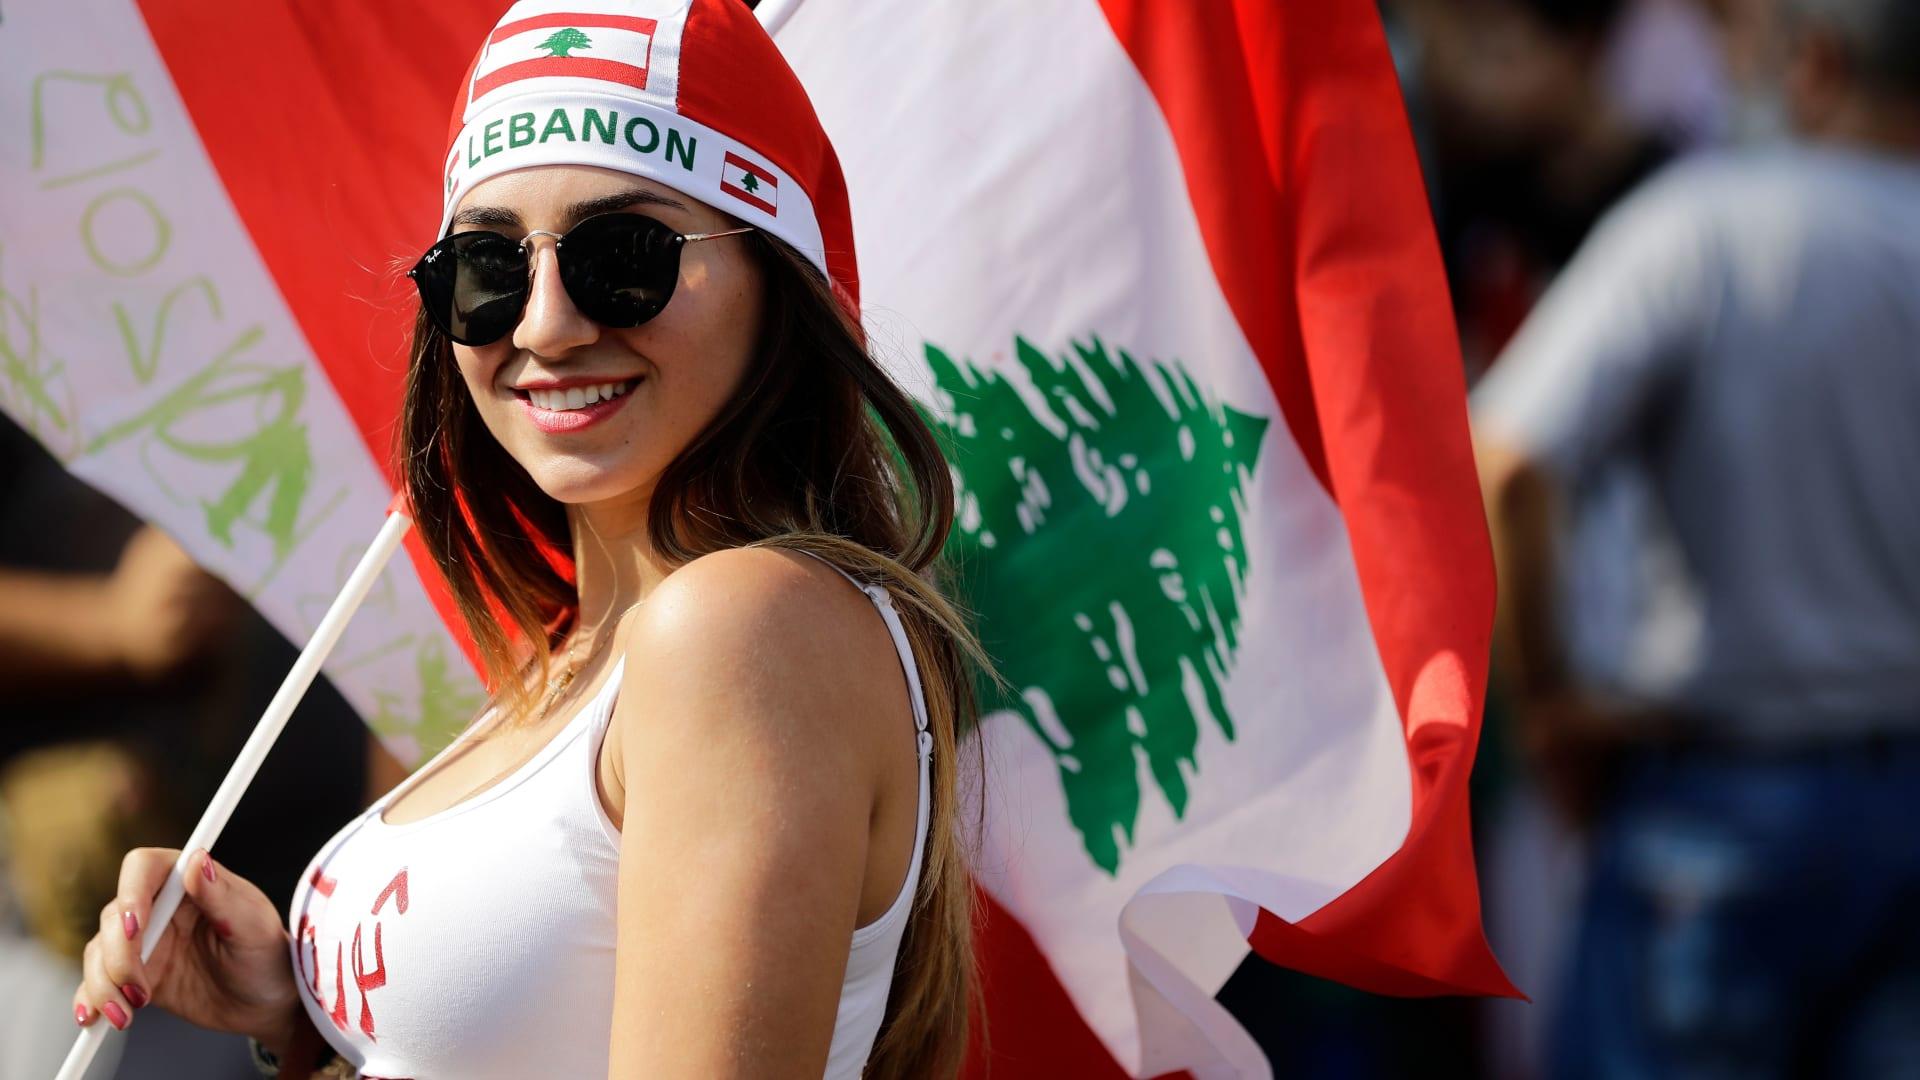 شاهد على ماذا استيقظ اللبنانيون من آثار المظاهرات